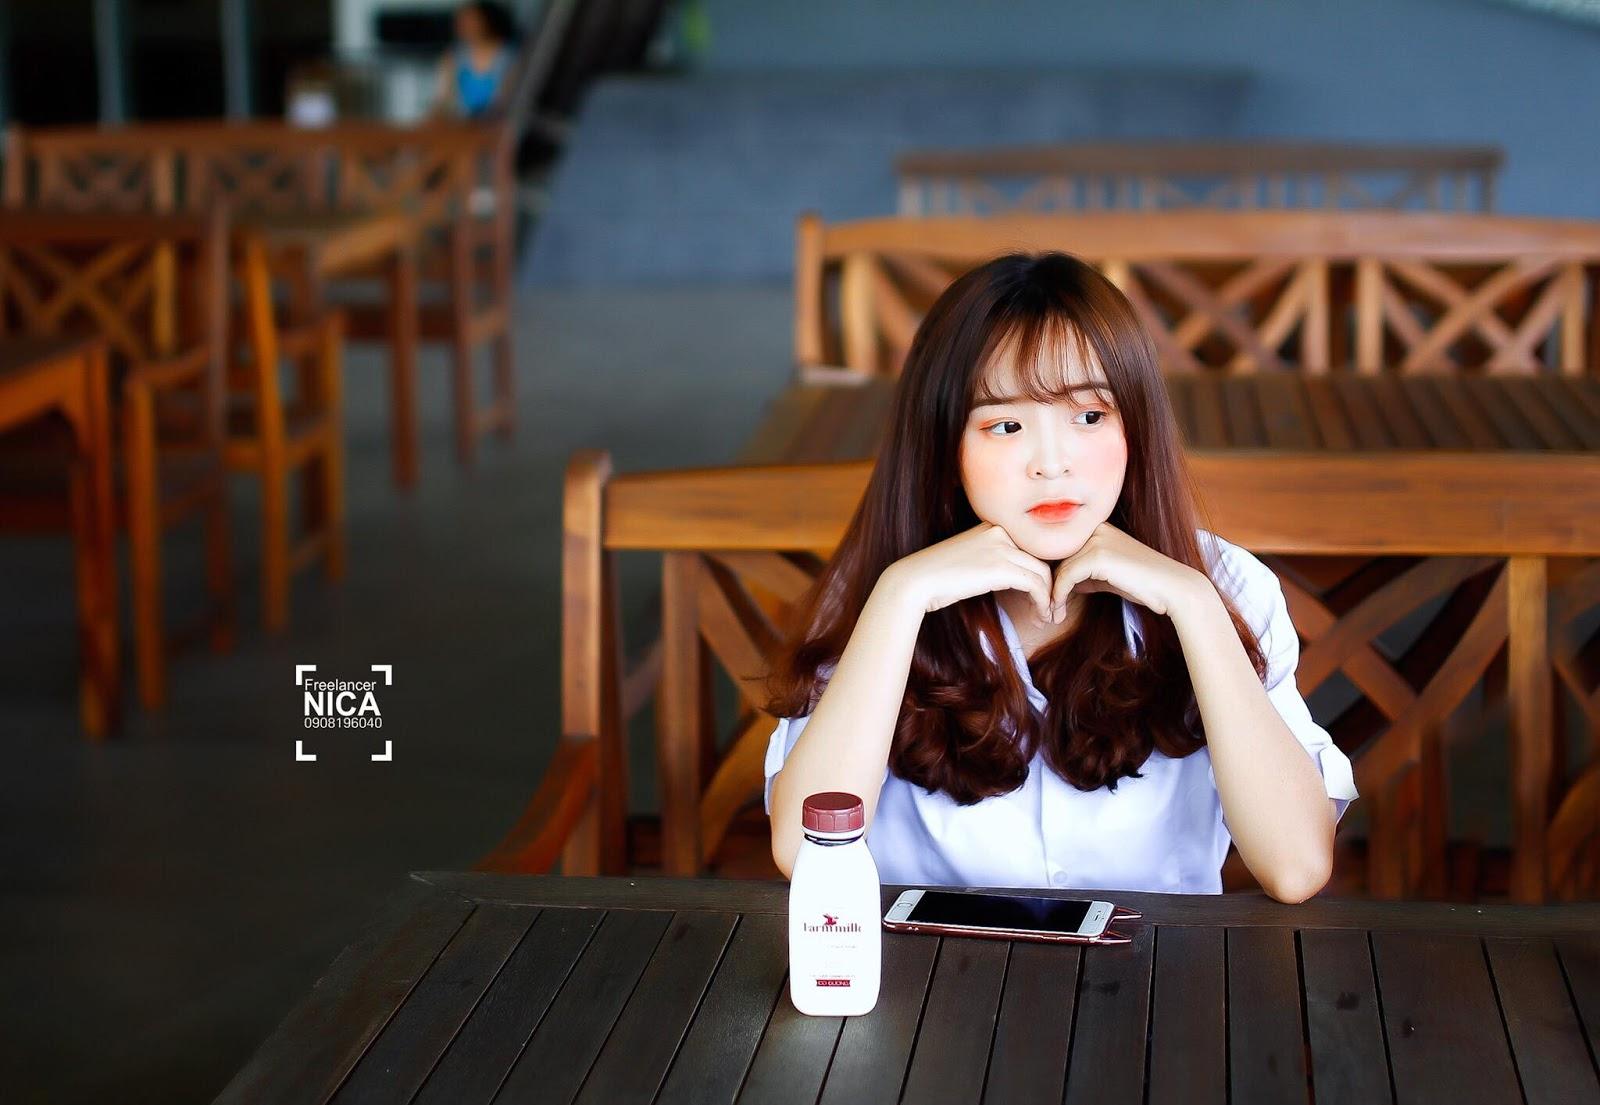 Ngắm ảnh Hot girl Facebook Chu Thị Khánh Vân quá xinh đẹp dễ thương